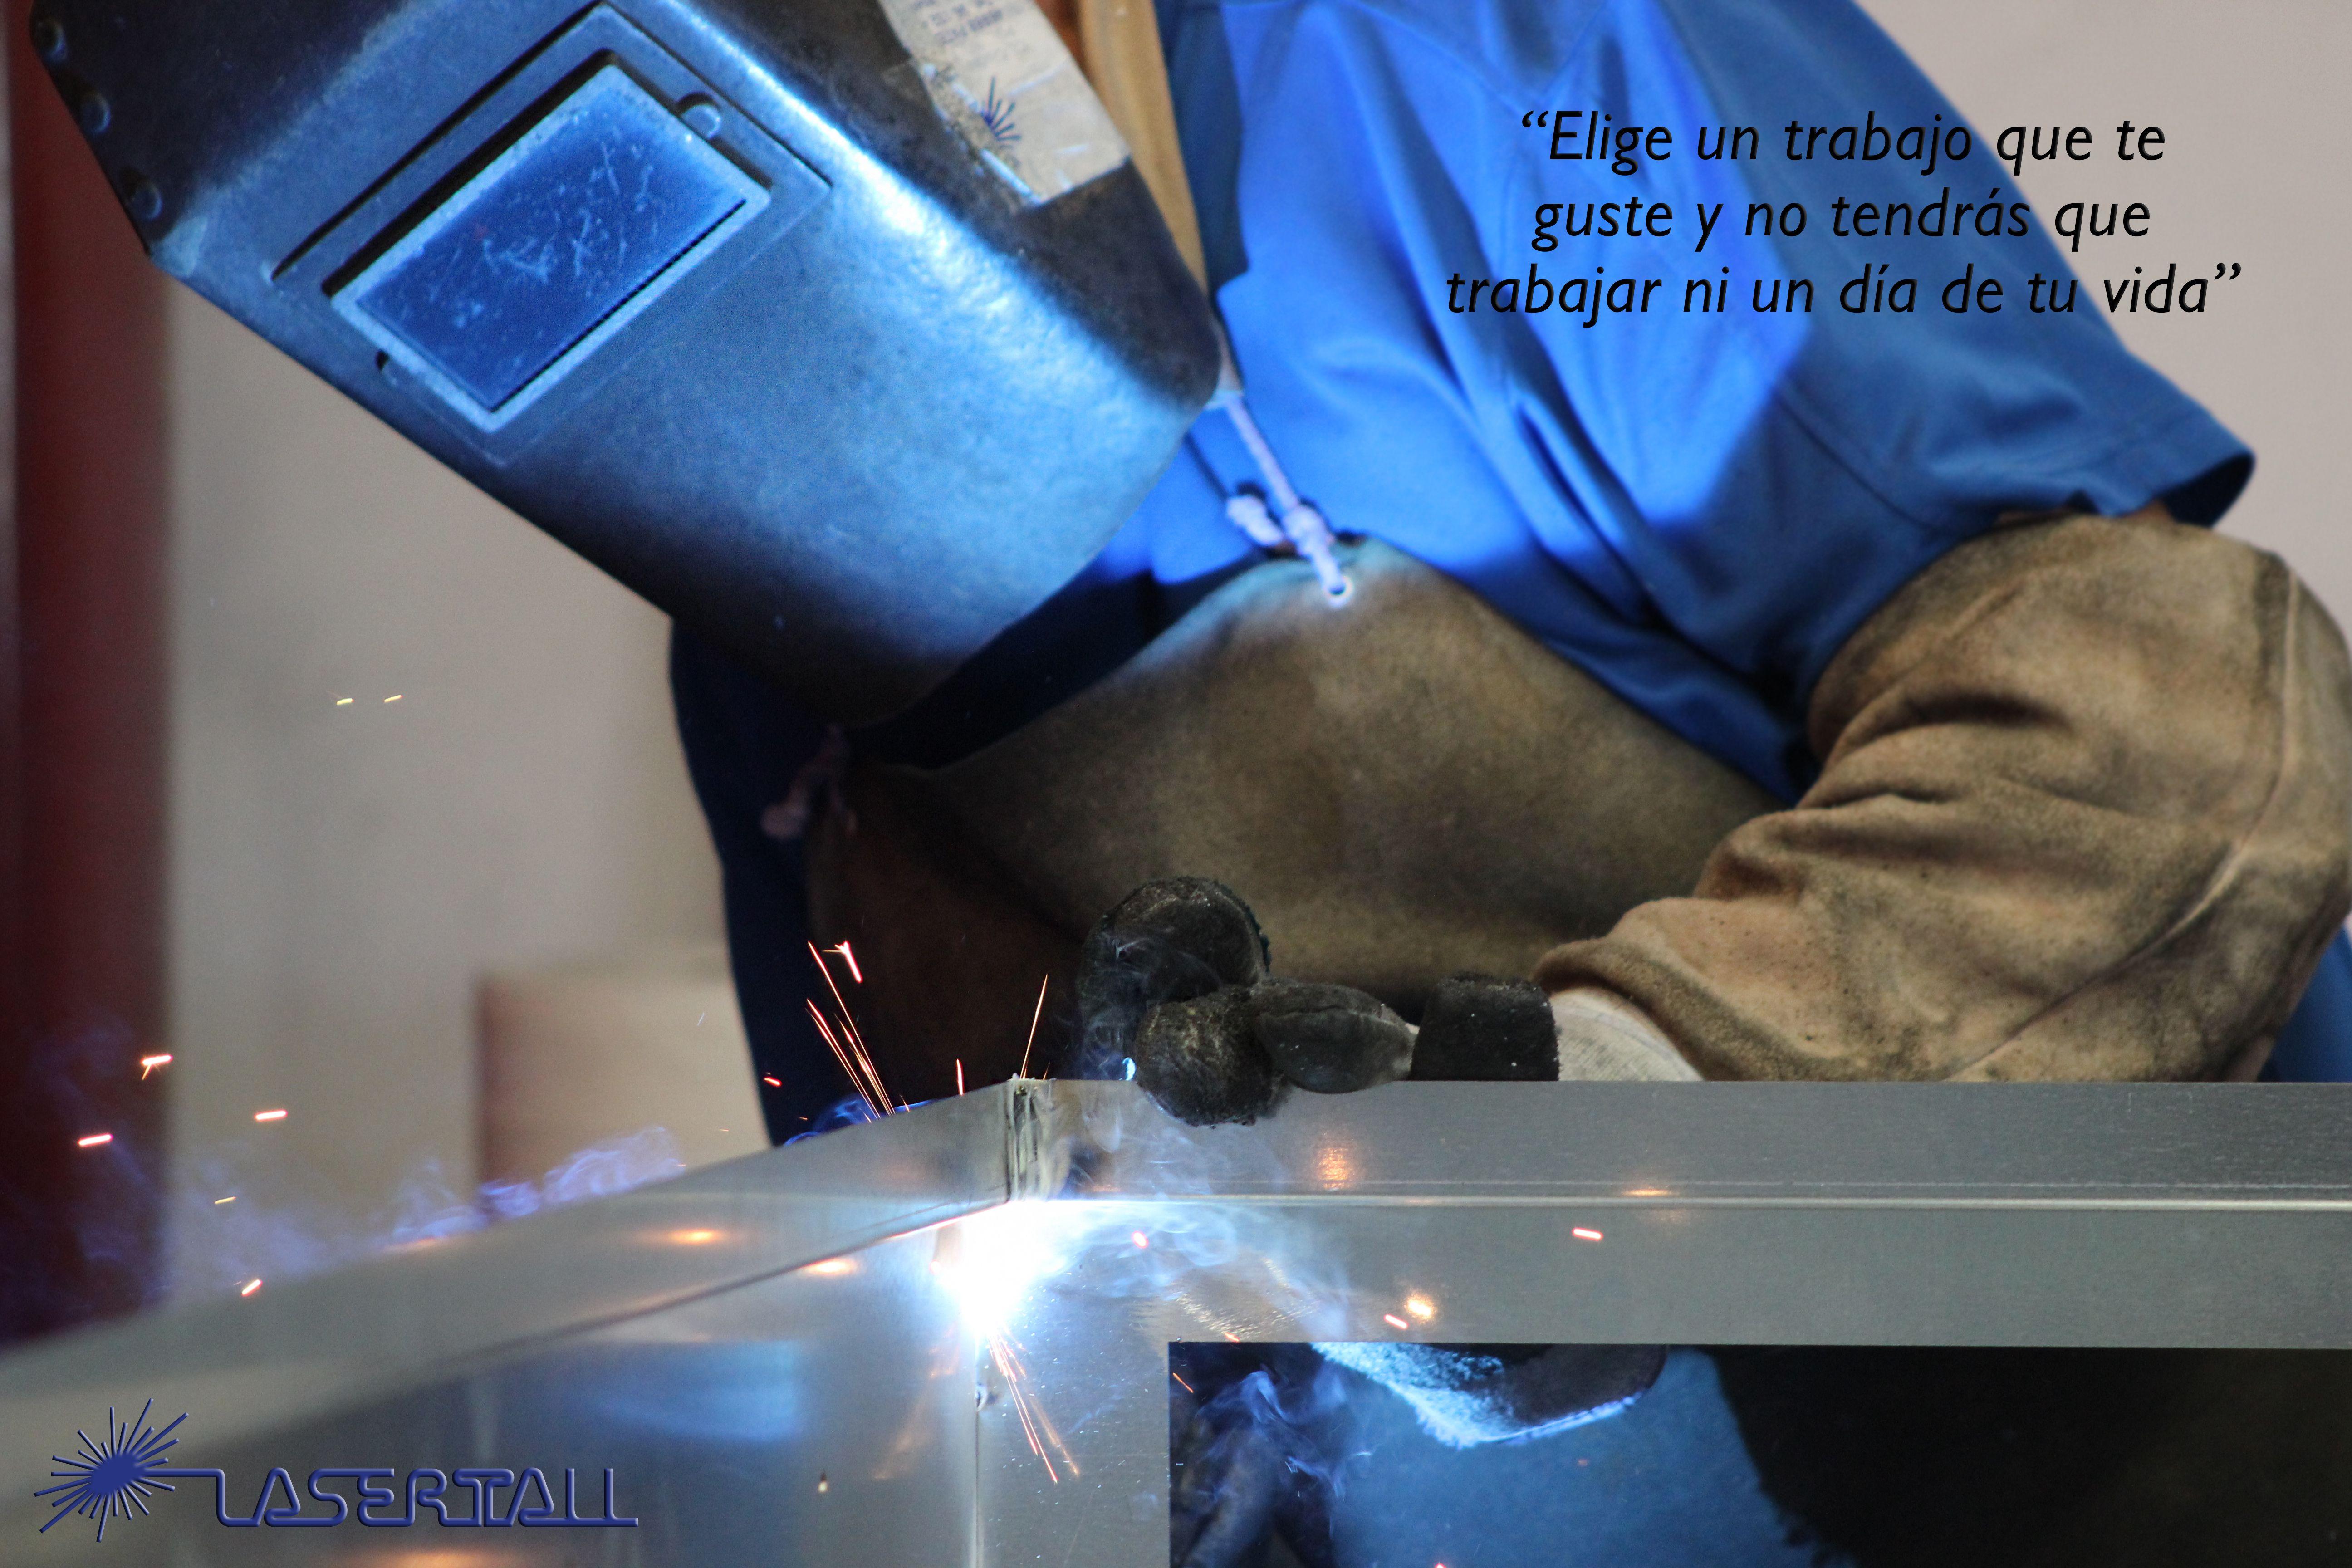 Elige un trabajo que te guste y no tendrás que trabajar ni un día de tu vida.  Lasertall